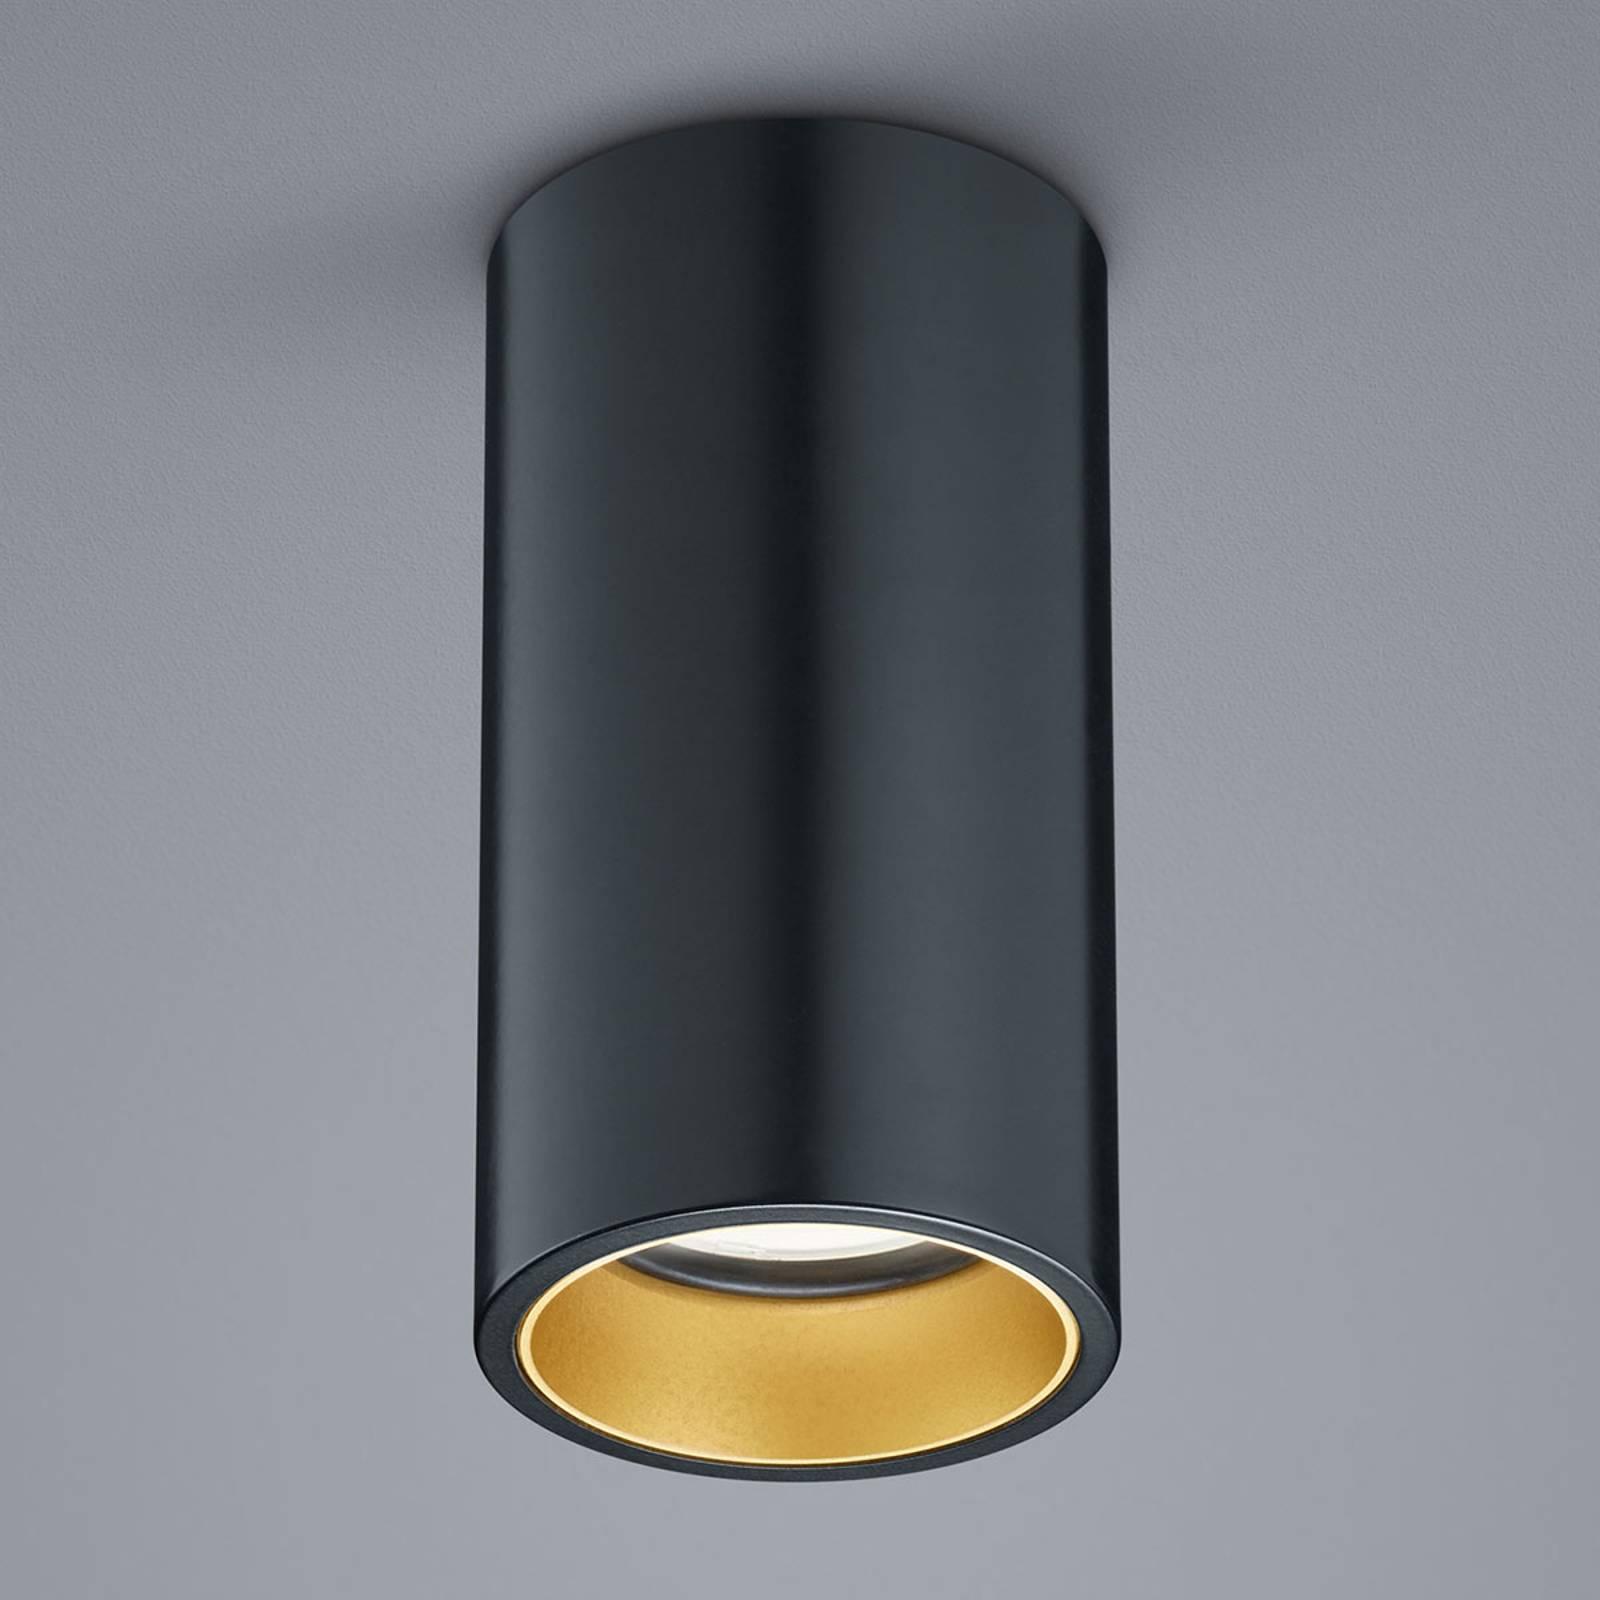 Baulmann 83.129 Deckenleuchte schwarz-gold